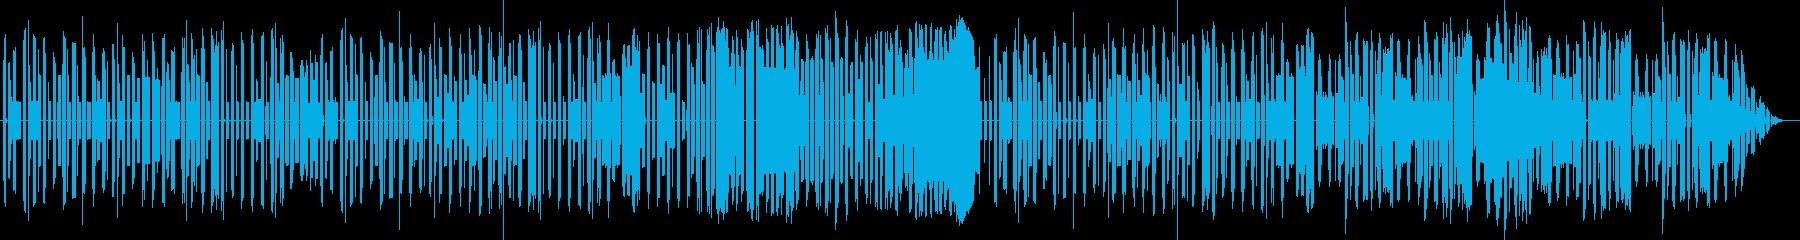 キュンキュンするかわいいエレクトロポップの再生済みの波形